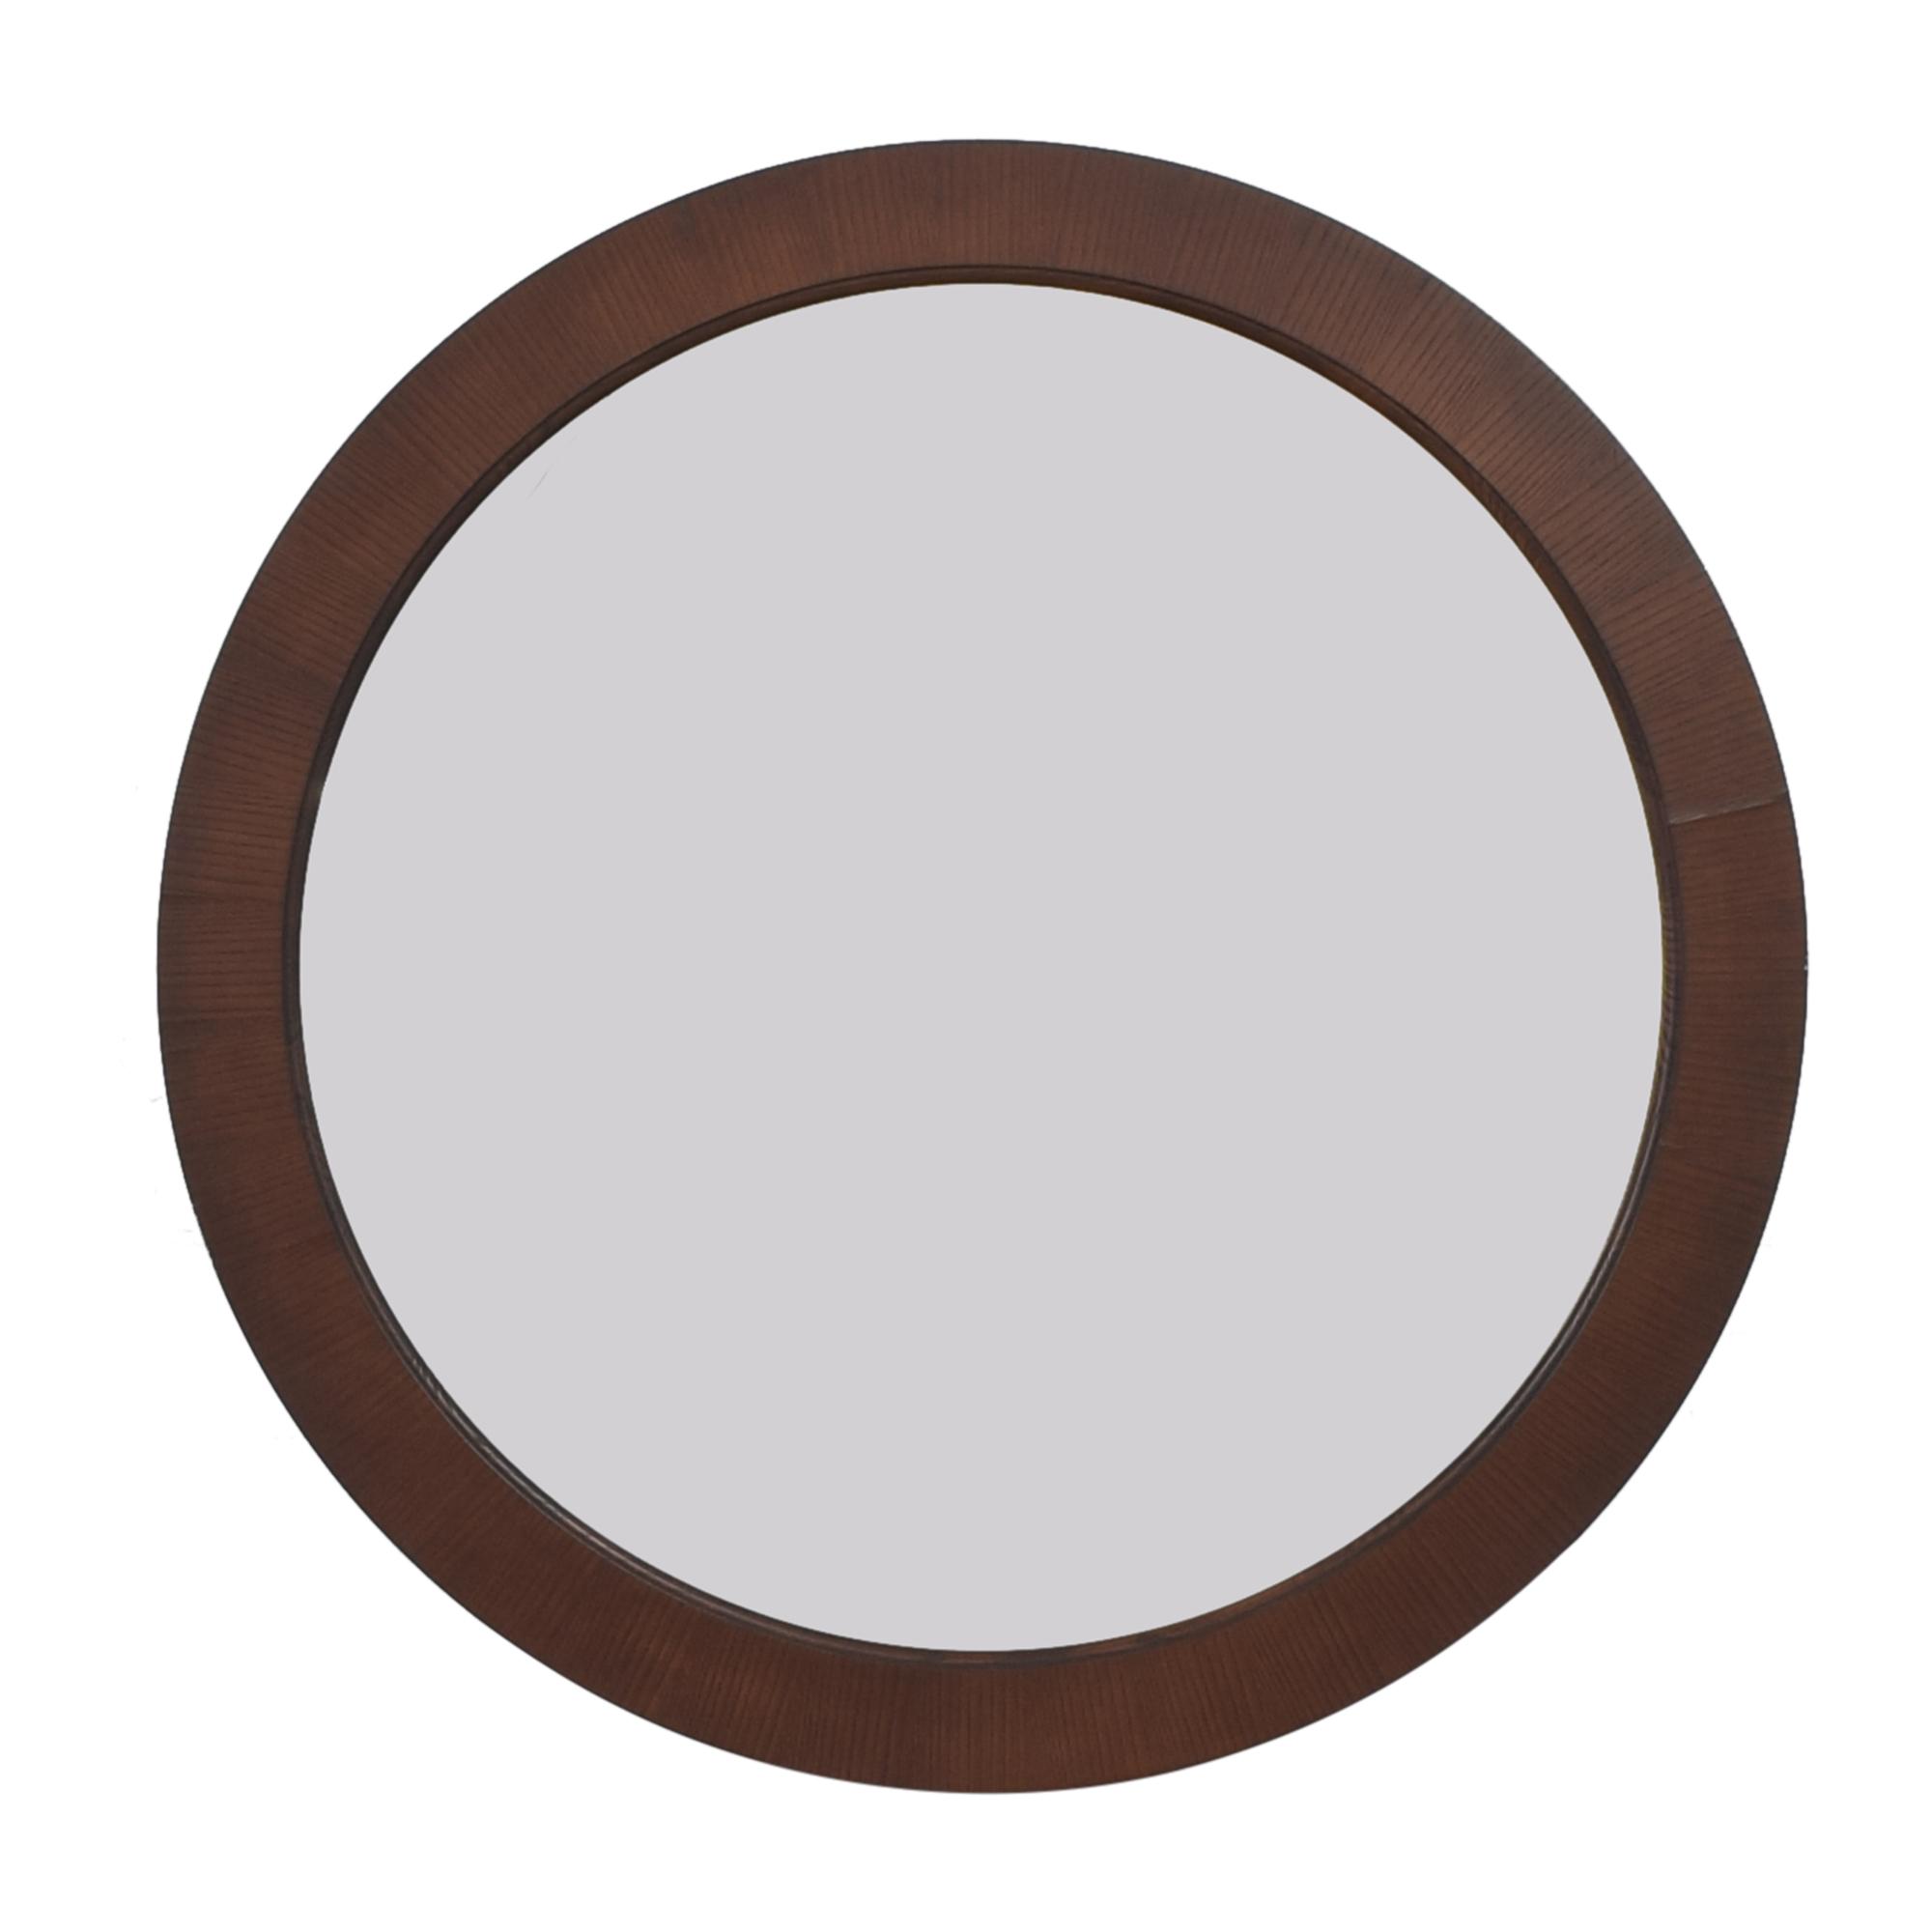 Ethan Allen Ethan Allen Horizons Round Mirror nj